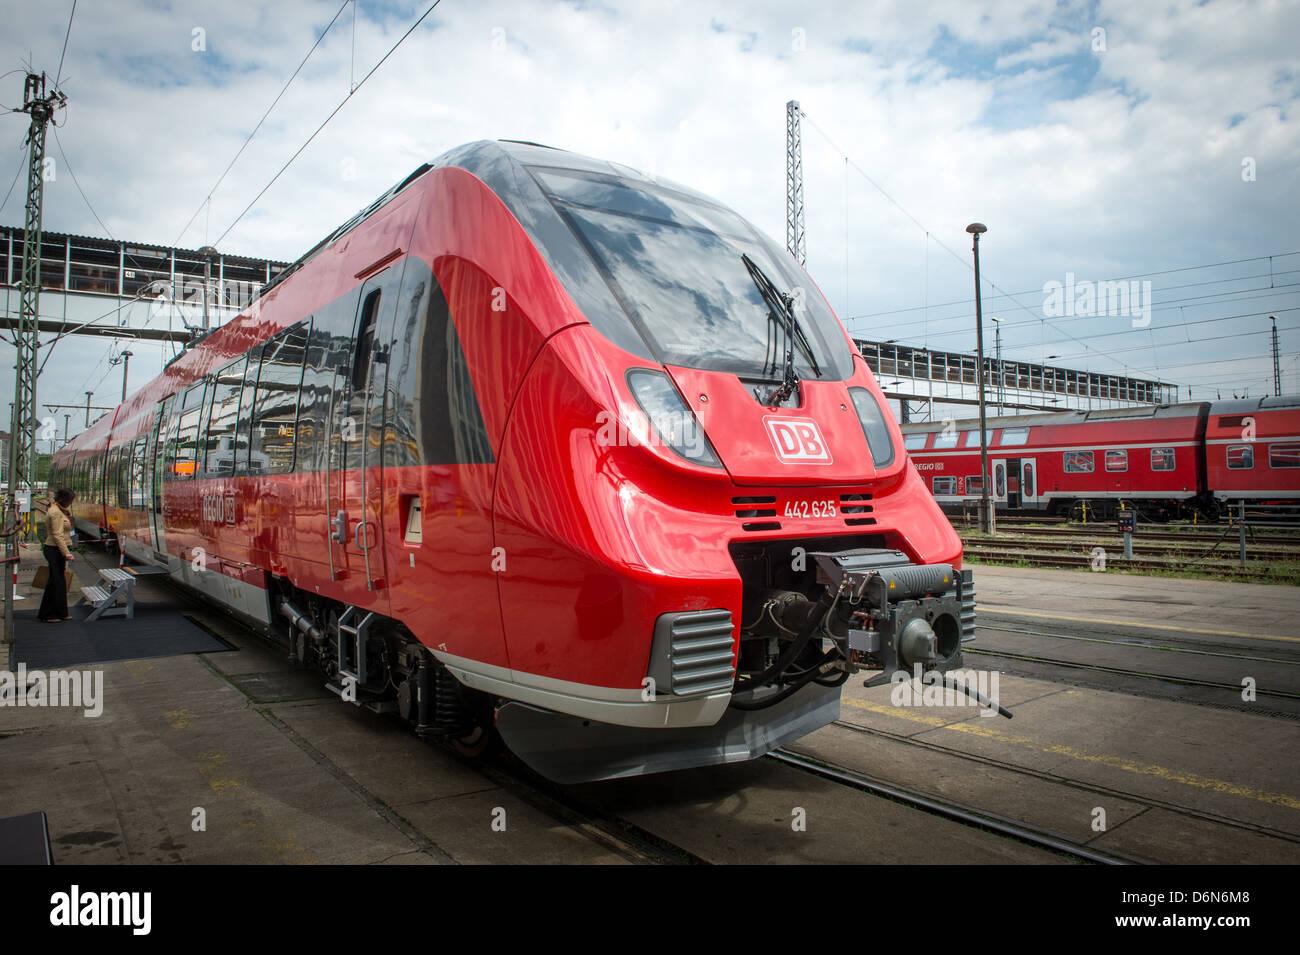 Berlín, Alemania, para la presentación de los nuevos talentos 2 trenes de Deutsche Bahn Imagen De Stock